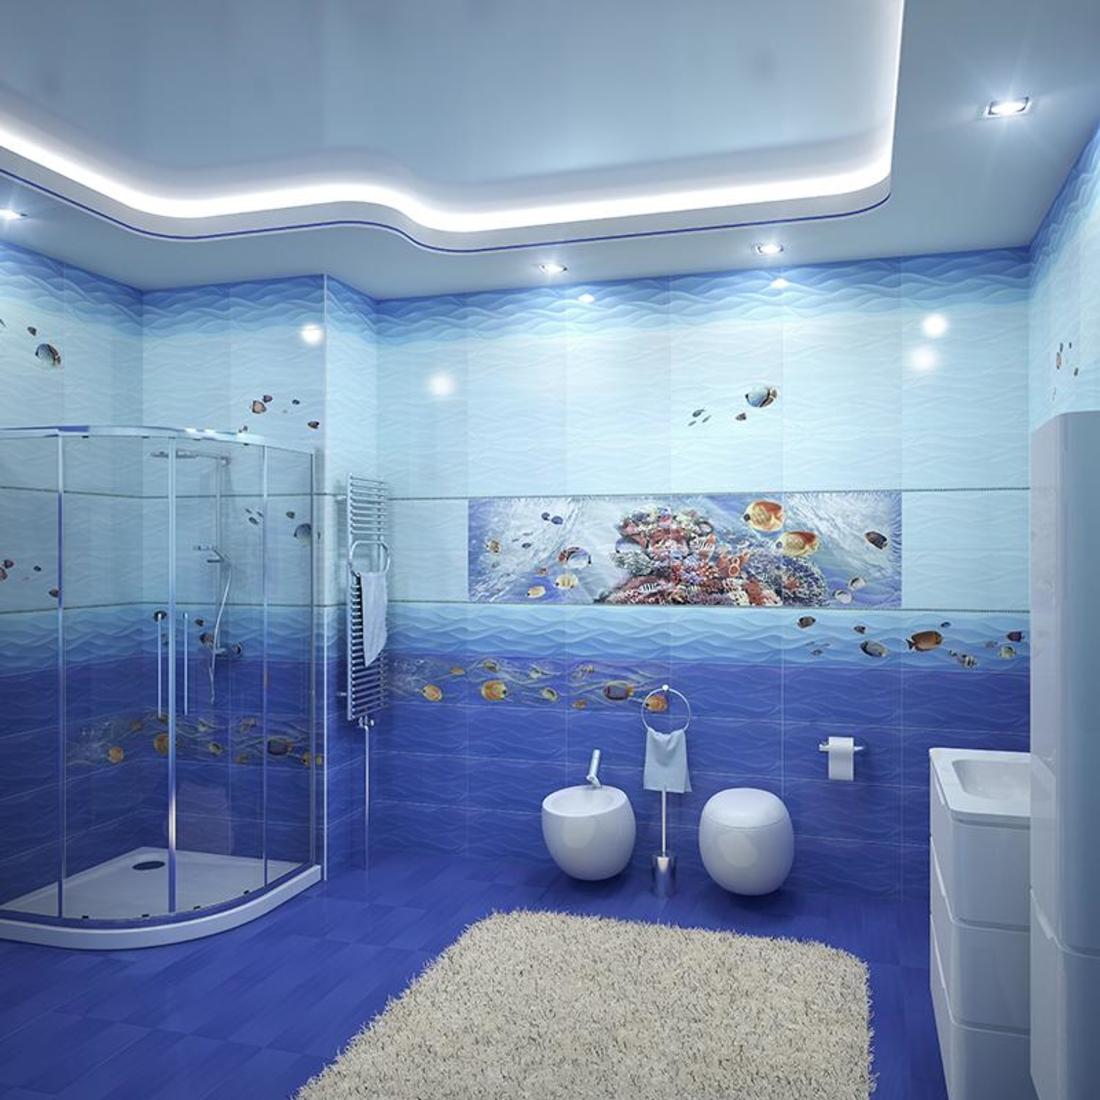 симпатичная керамическая плитка в ванной комнате в стиле модерн в светлых тонах